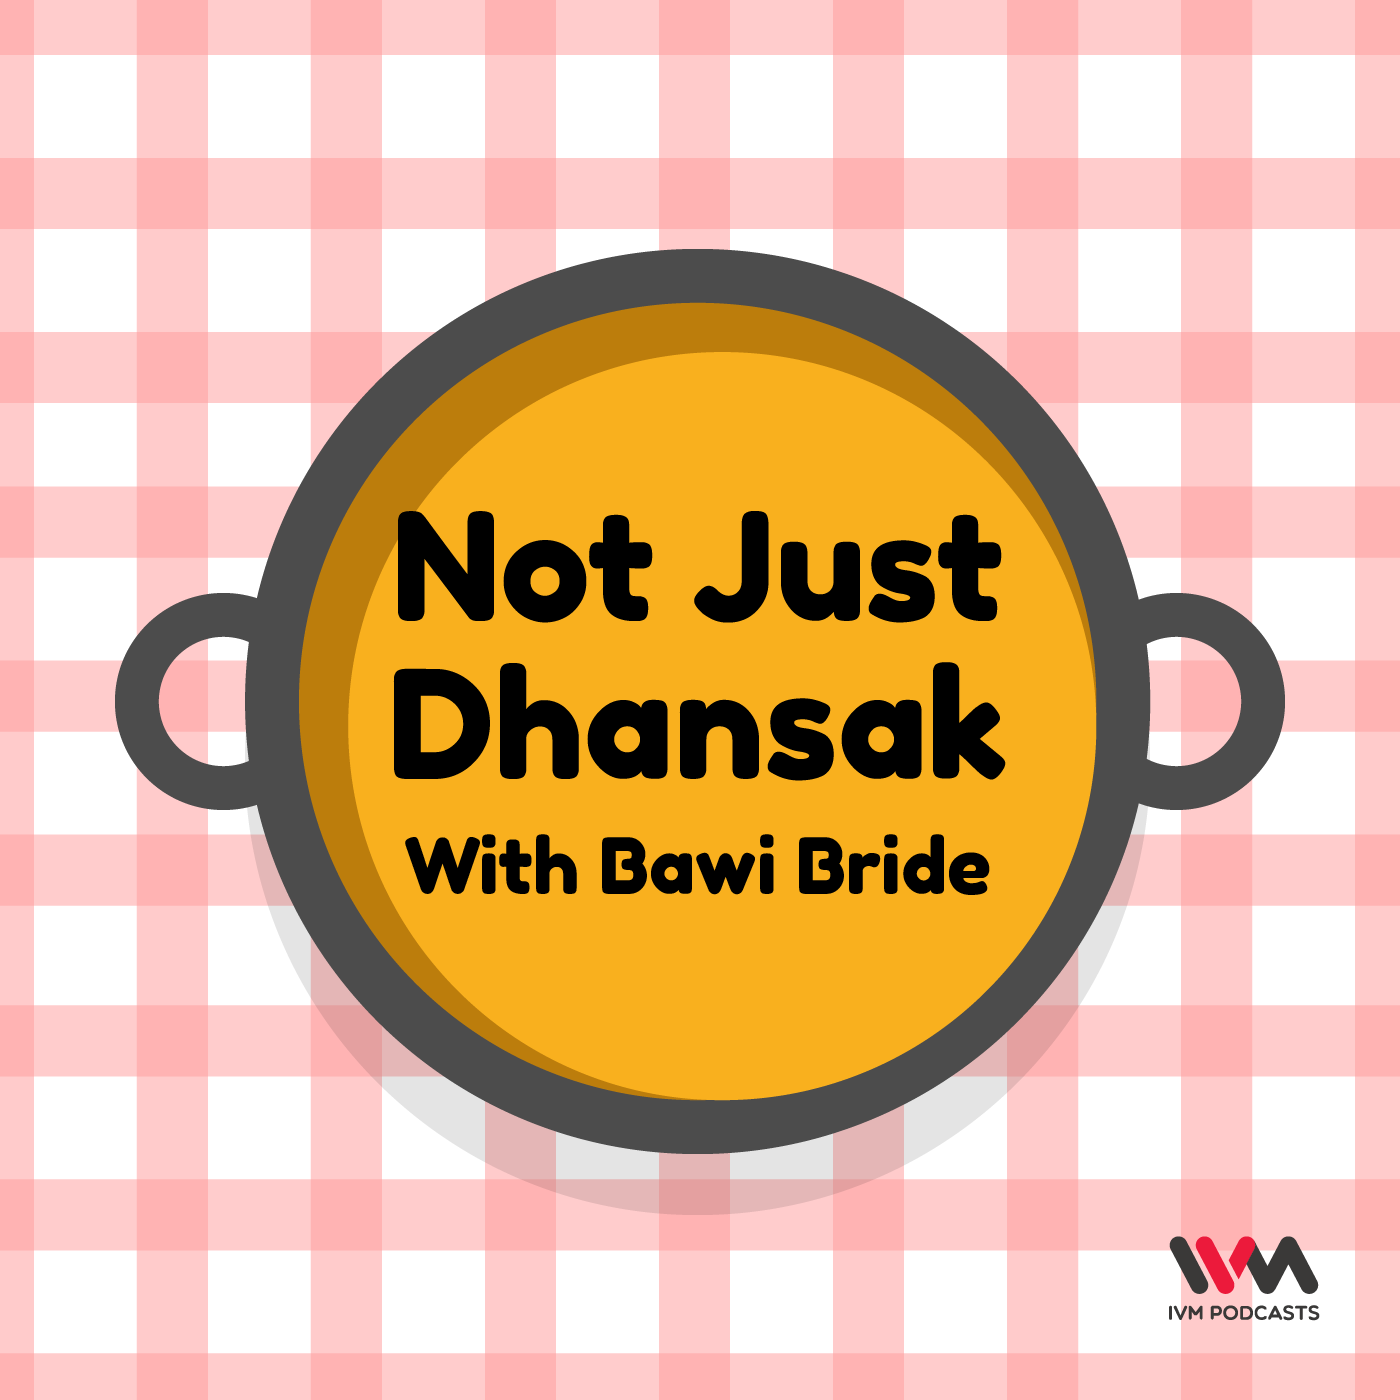 Not Just Dhansak show art